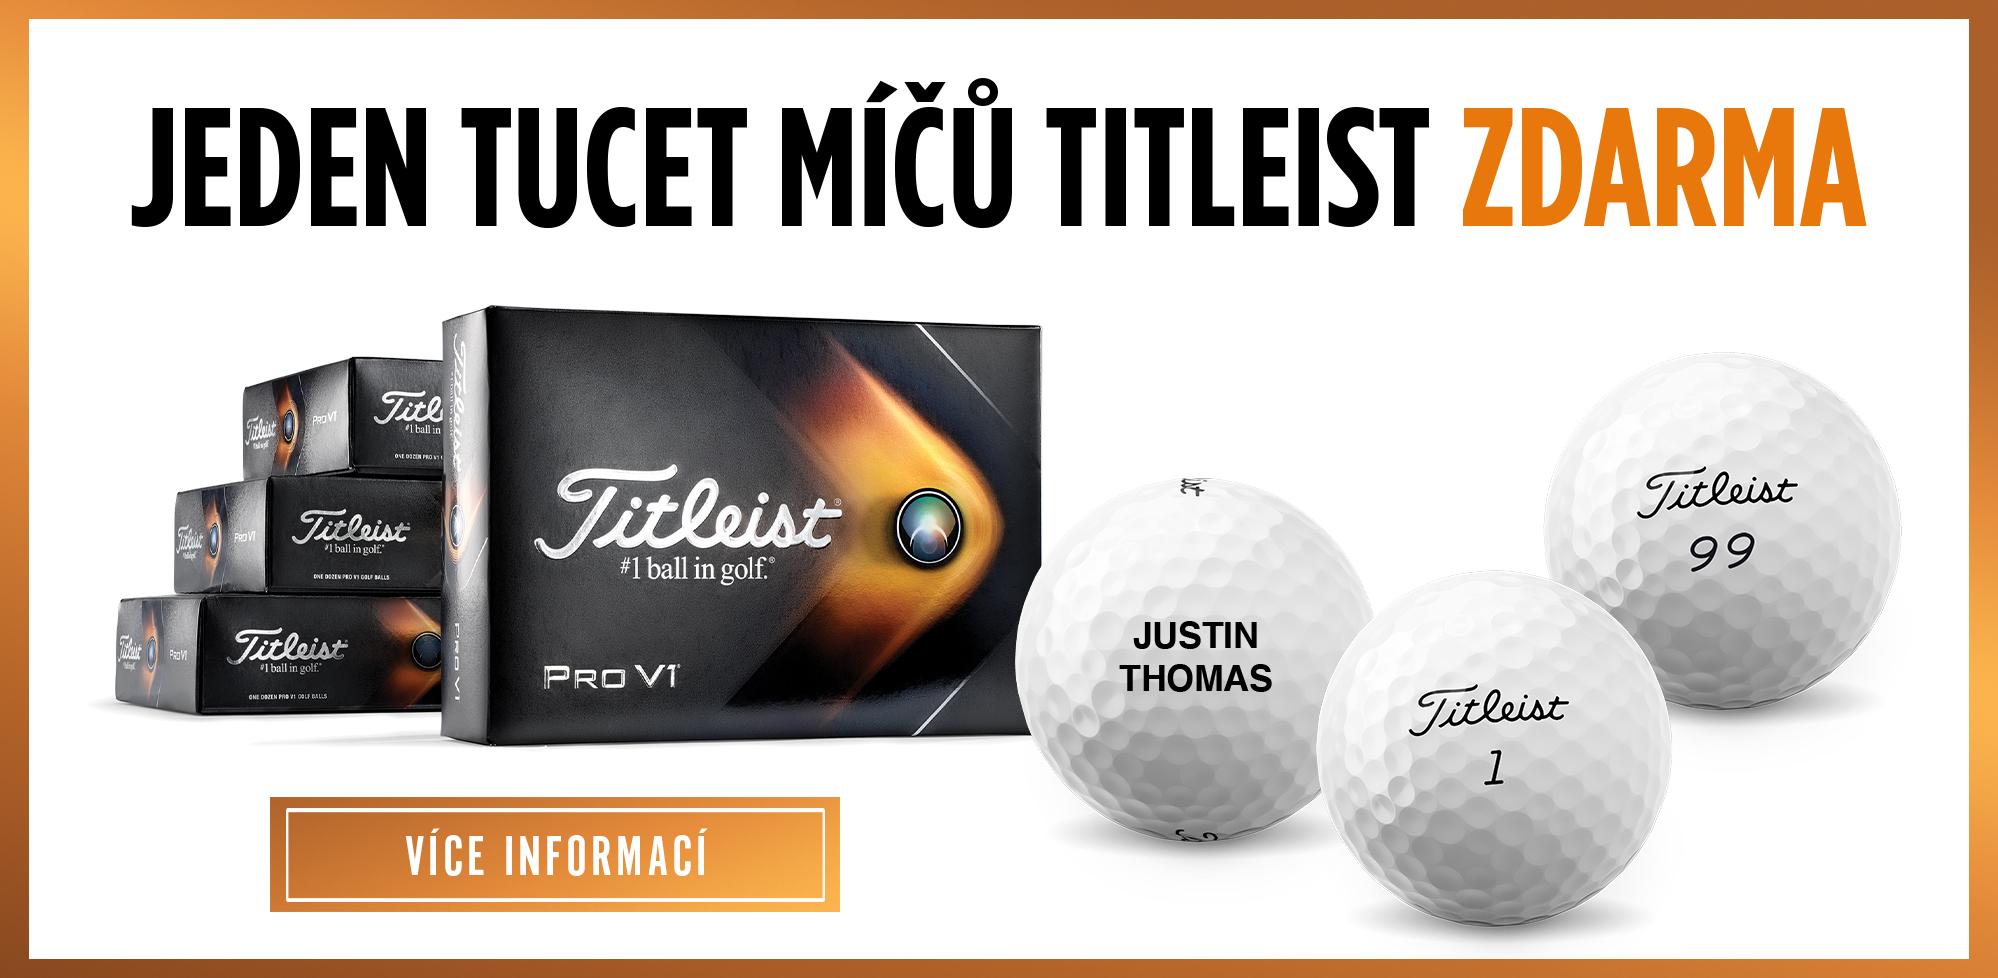 Odměna za věrnost - 1 tucet míčů Titleist Zdarma